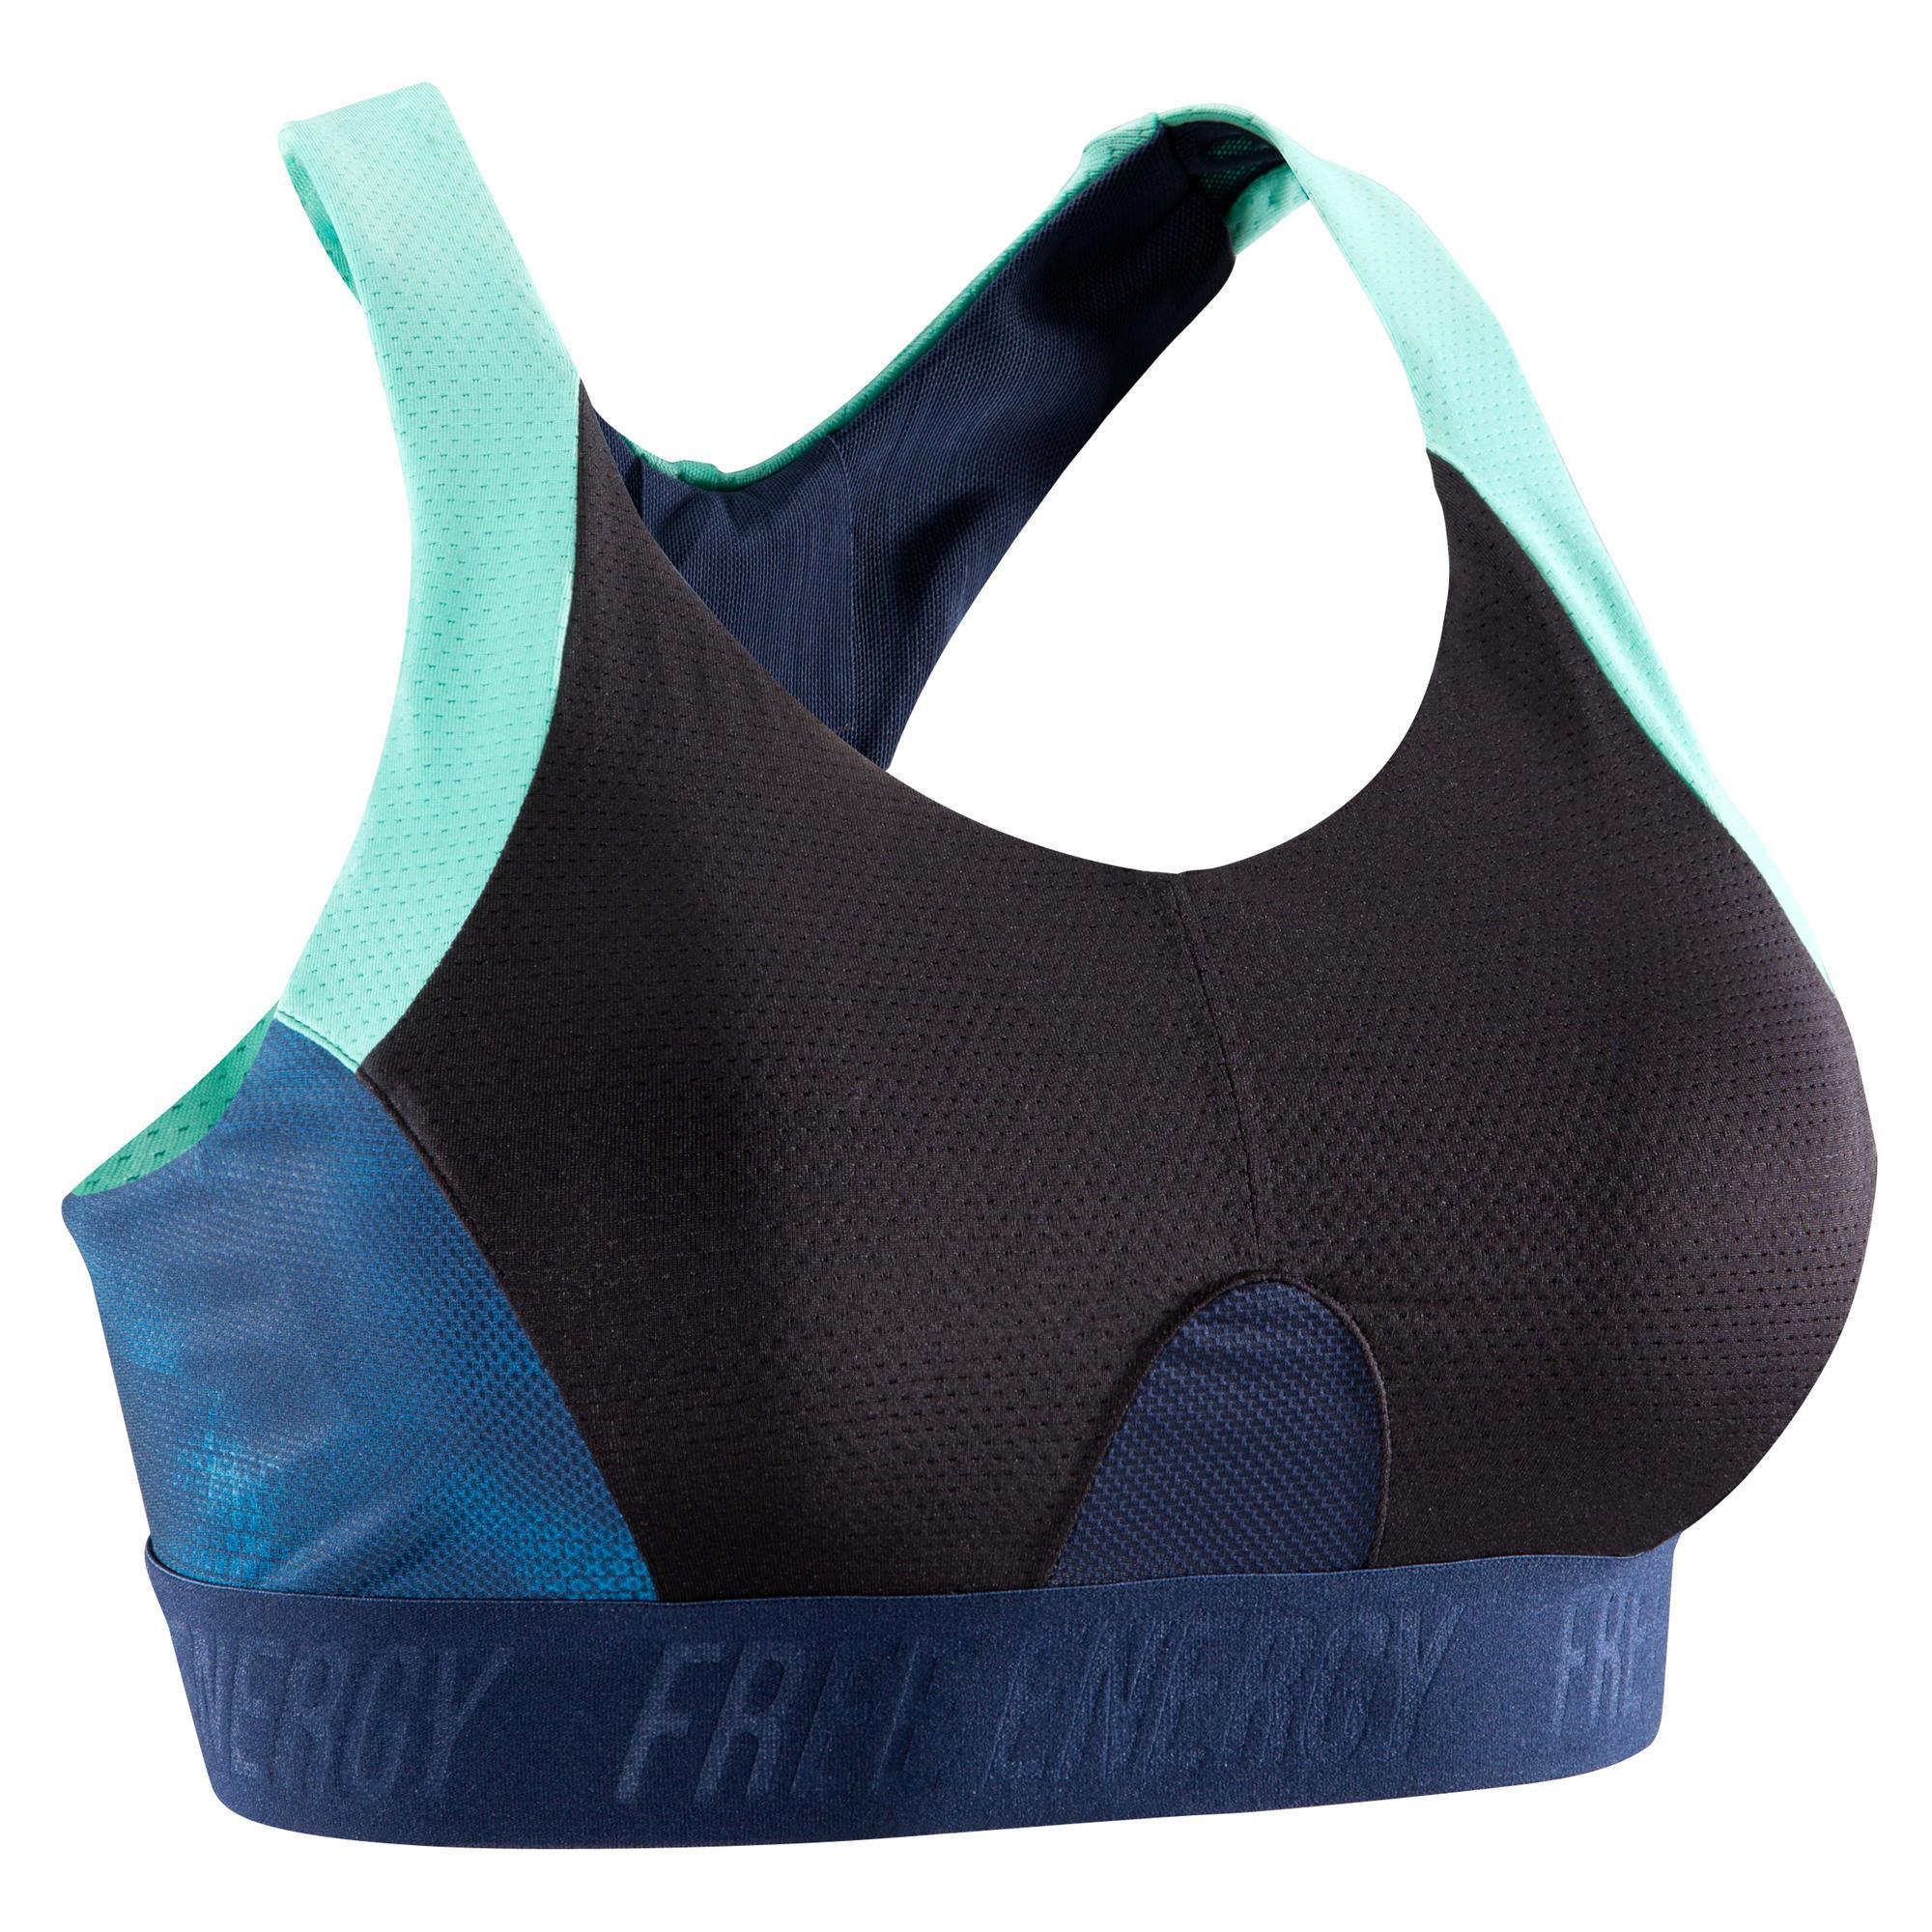 Domyos Cardiofitness sportbeha voor dames zwart met marineblauwe print 500